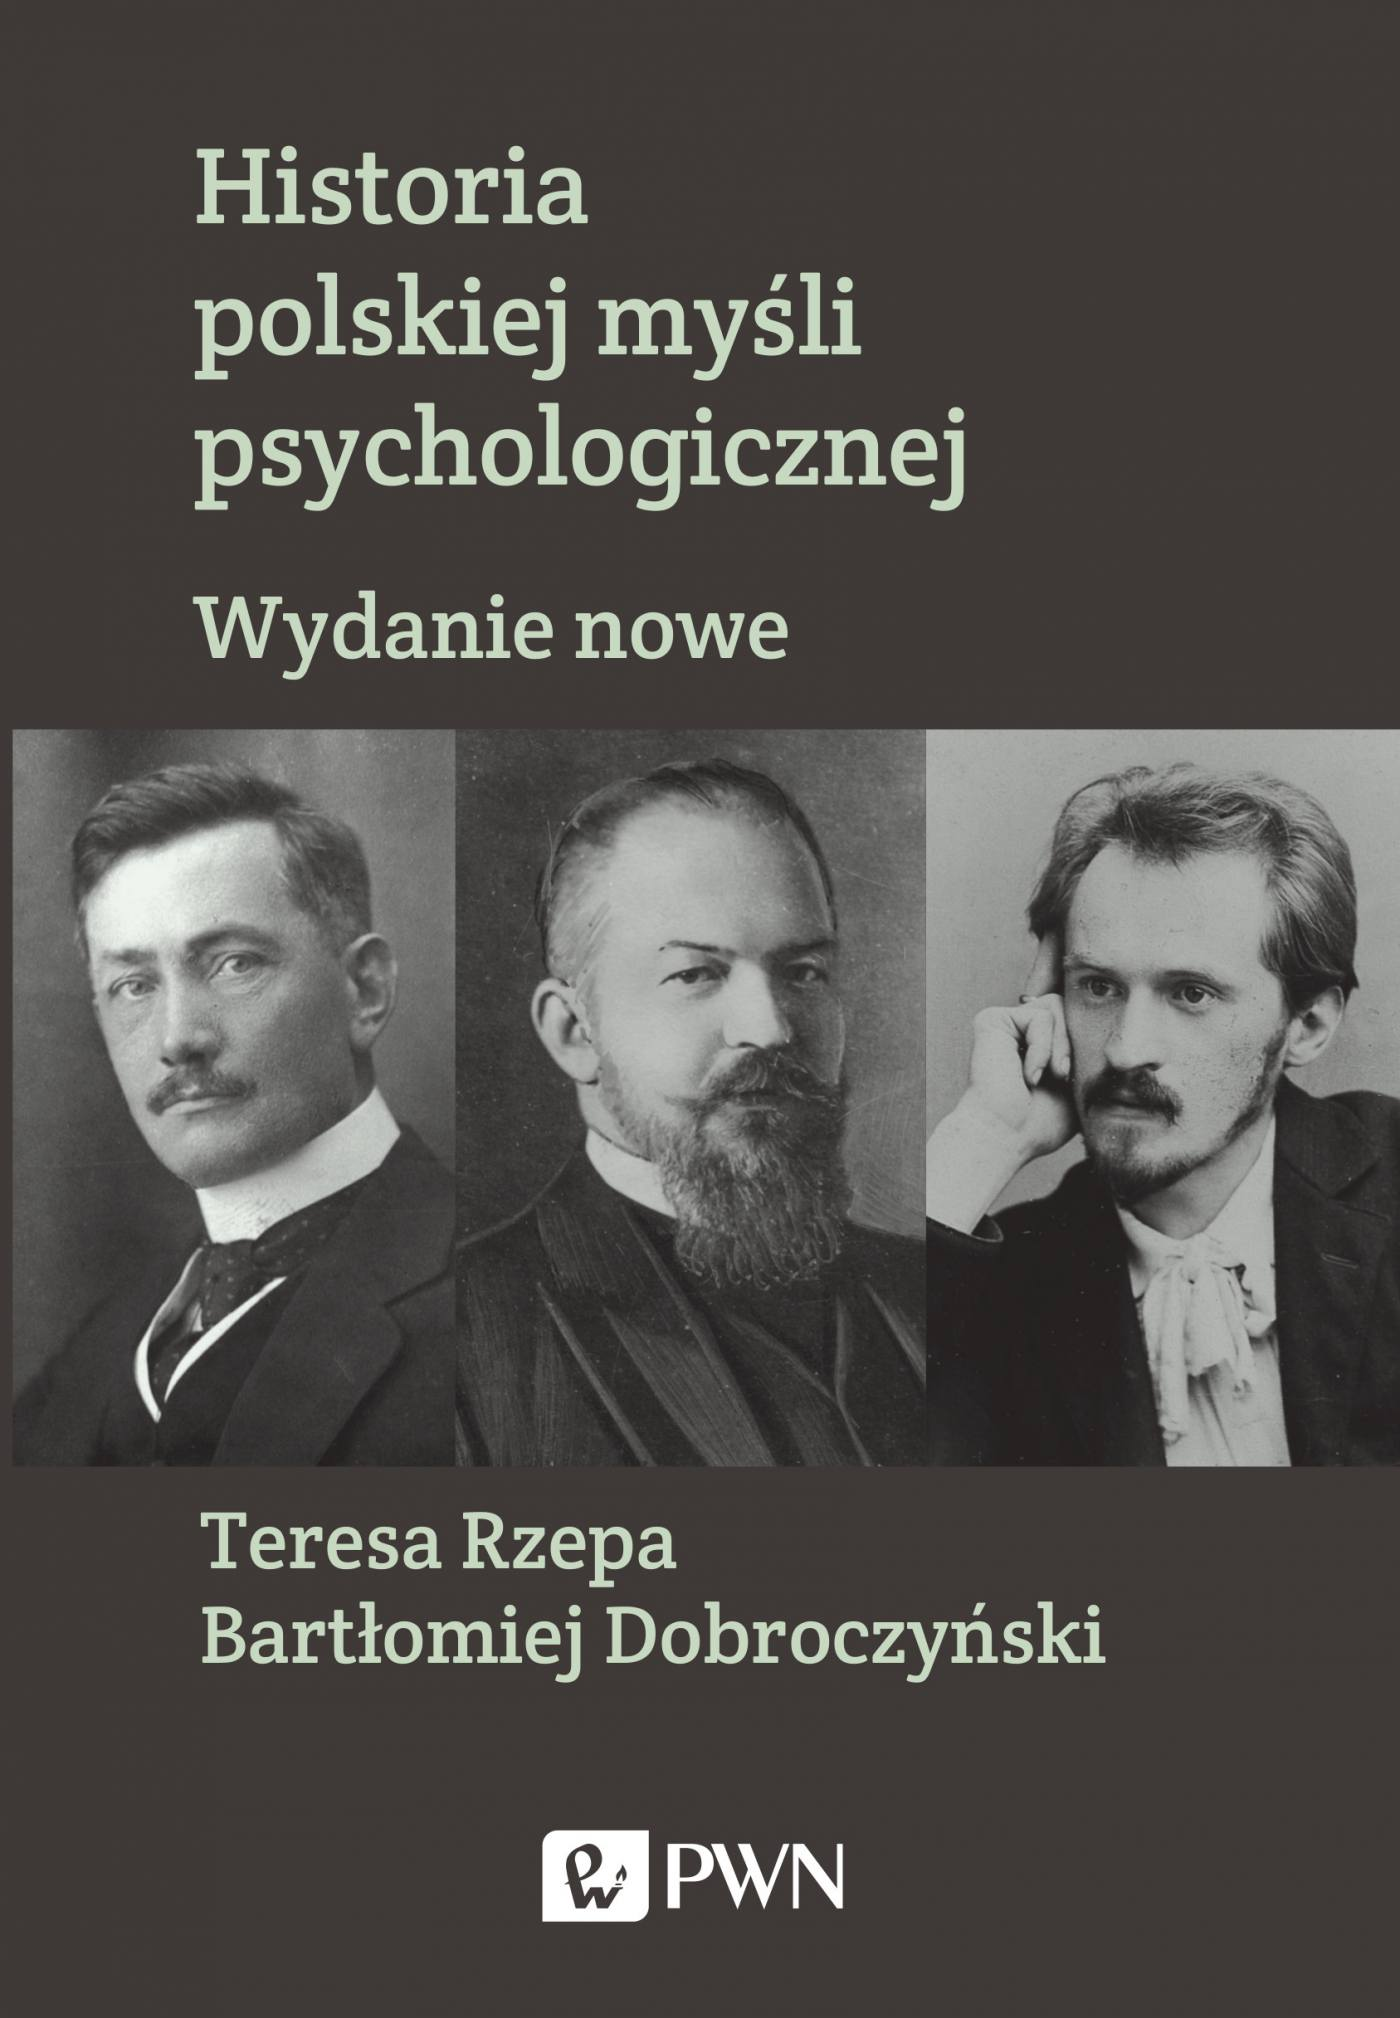 historia polskiej myśli psychologicznej rzepa pdf